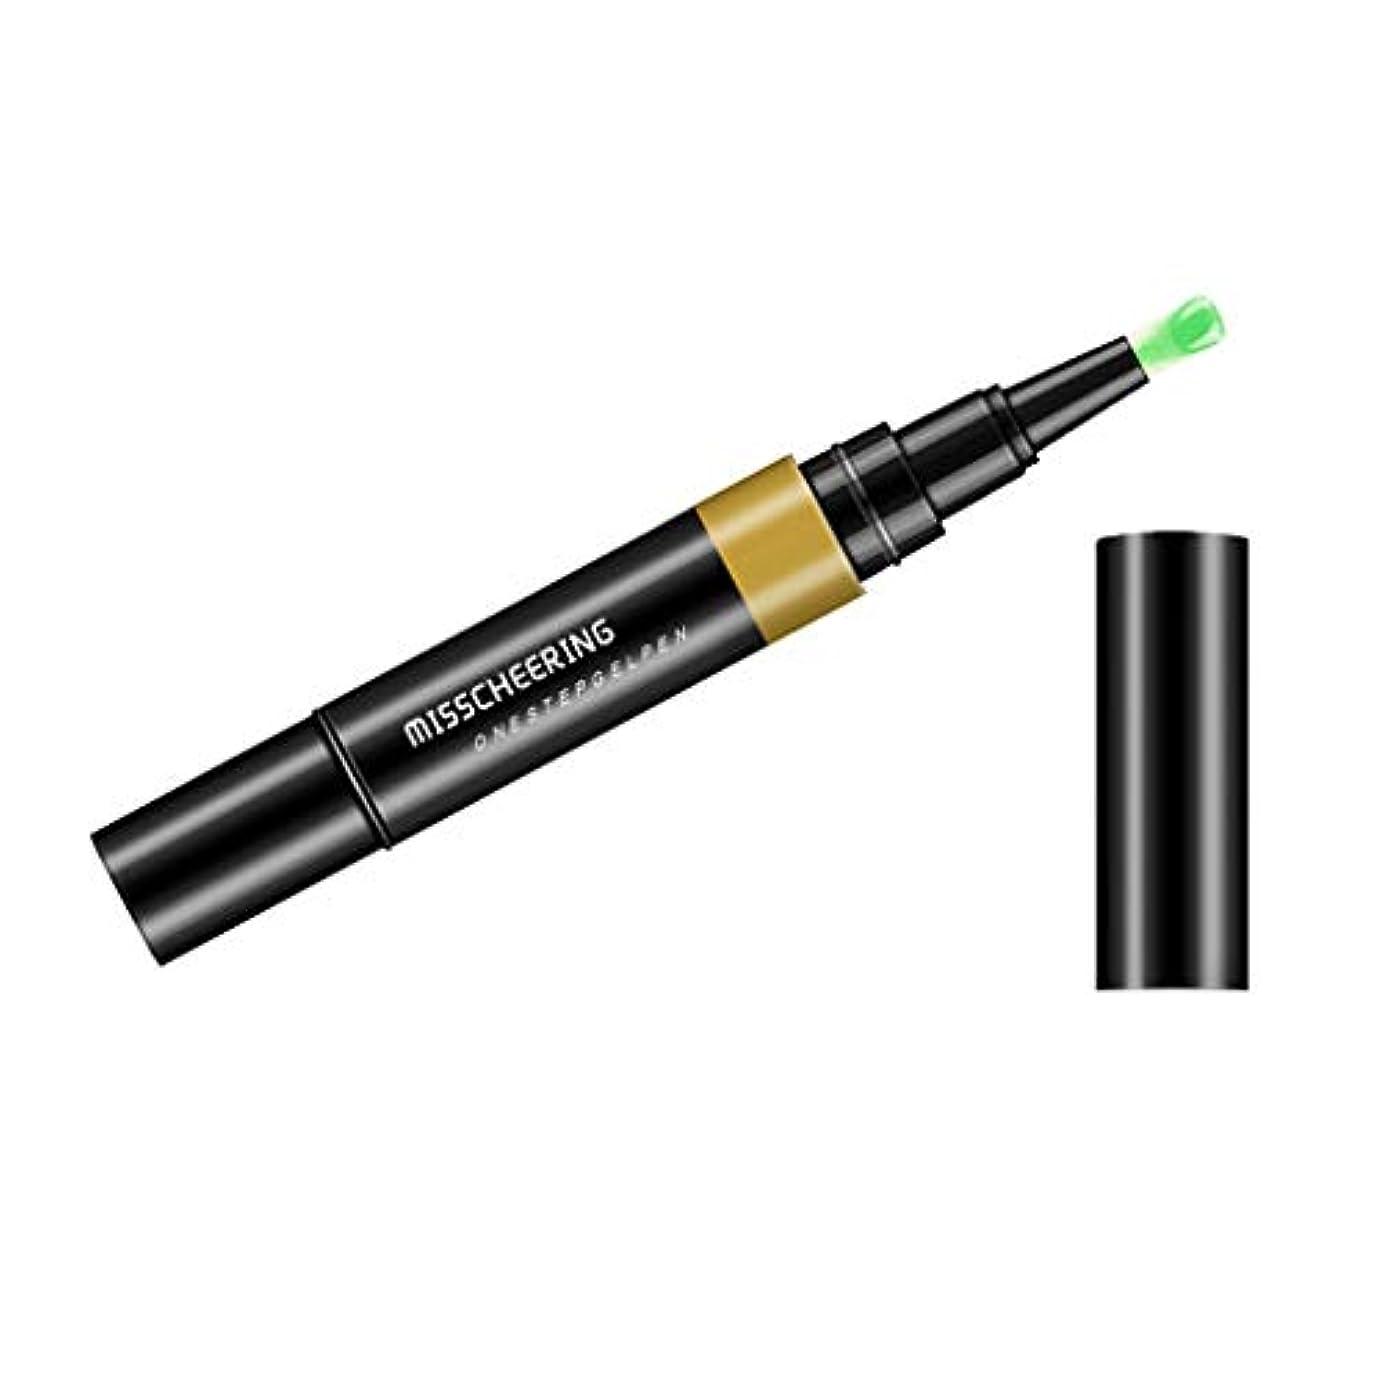 砂施しケープカラーネイルペン 3Dネイルペン ネイルアートペン ジェル マニキュアペン ペイントペン 3 in 1 多色 - グリーン